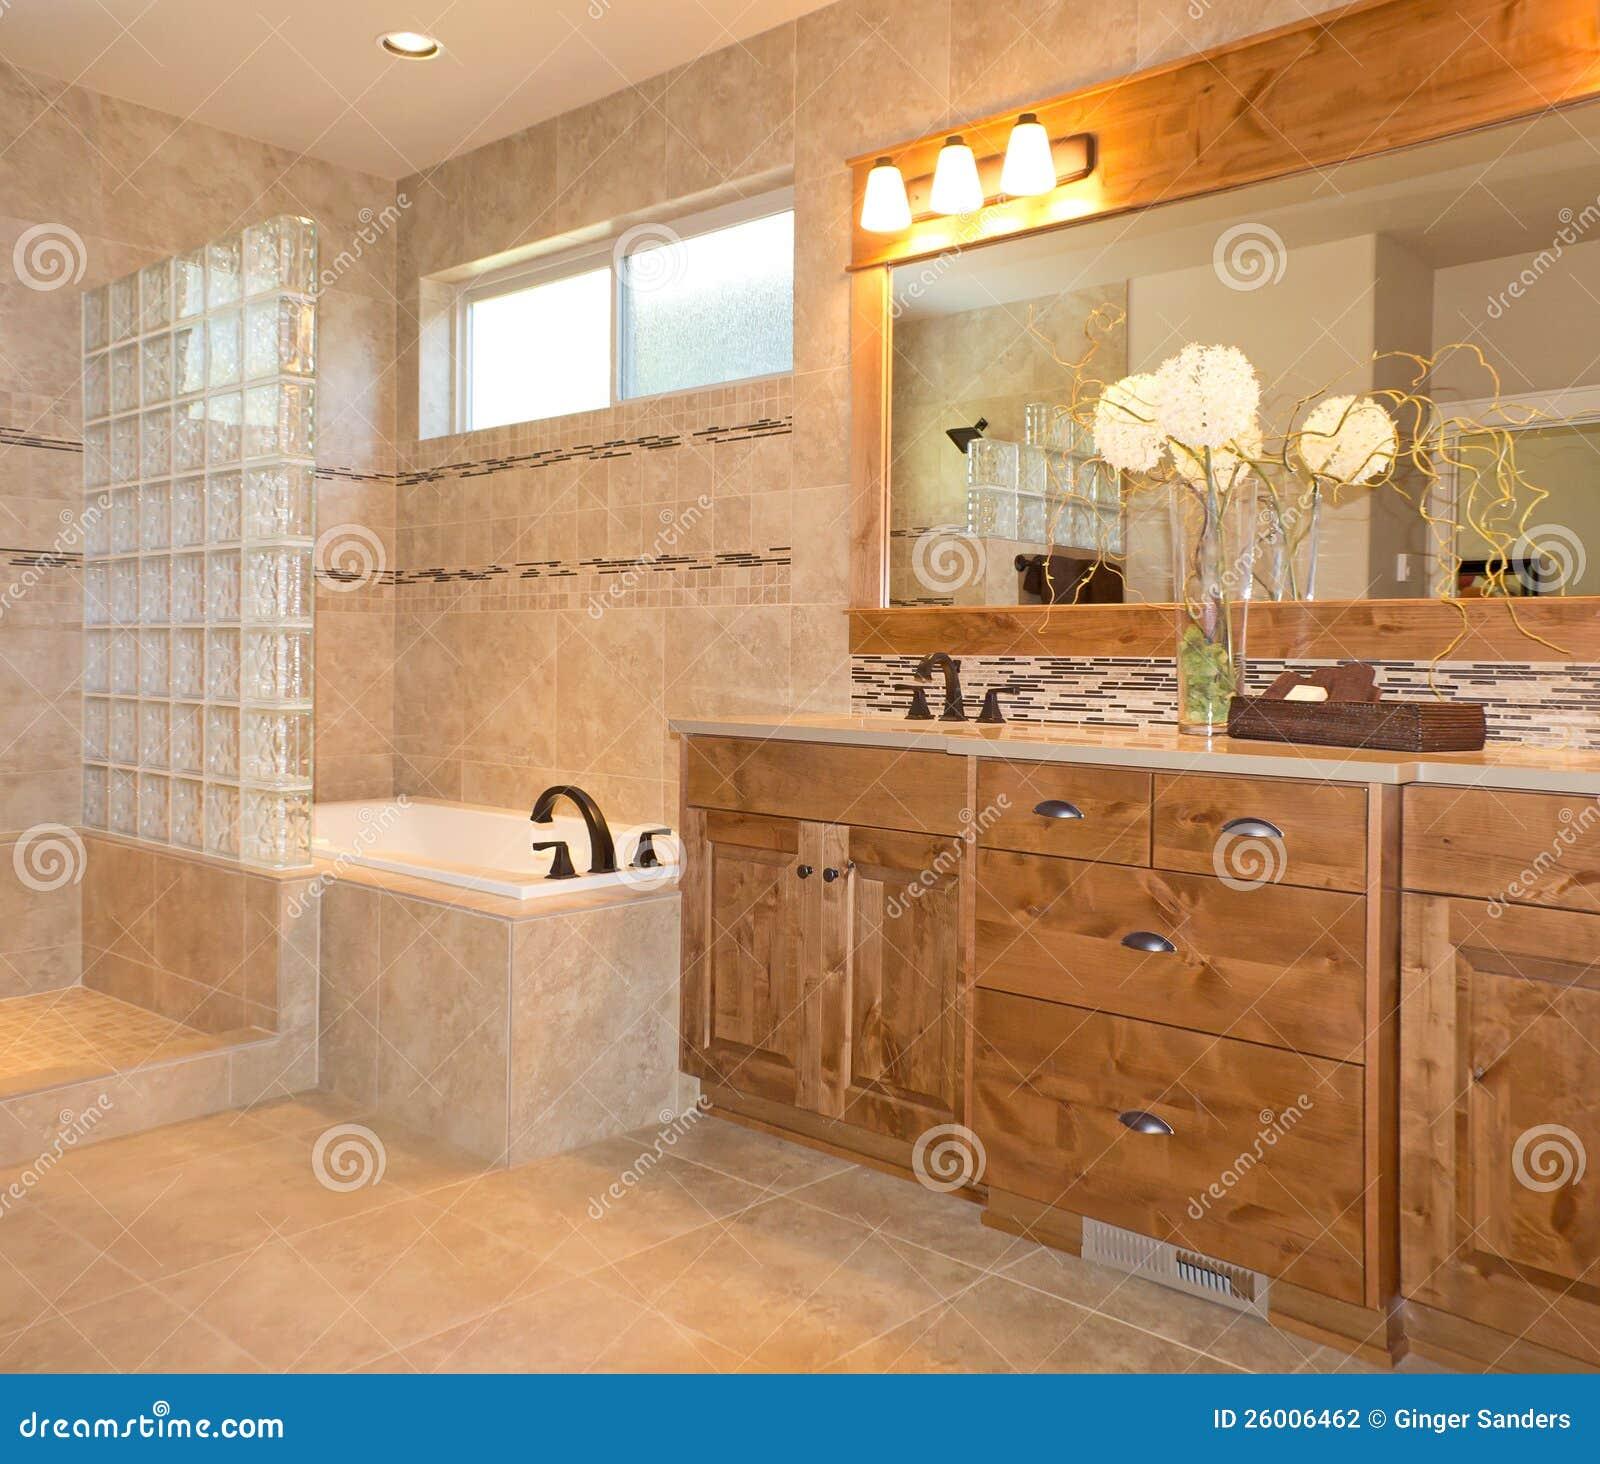 Wonderful Royalty Free. Download Luxuxfliese Badezimmer In Der Beige Und Im Gold ... Home Design Ideas